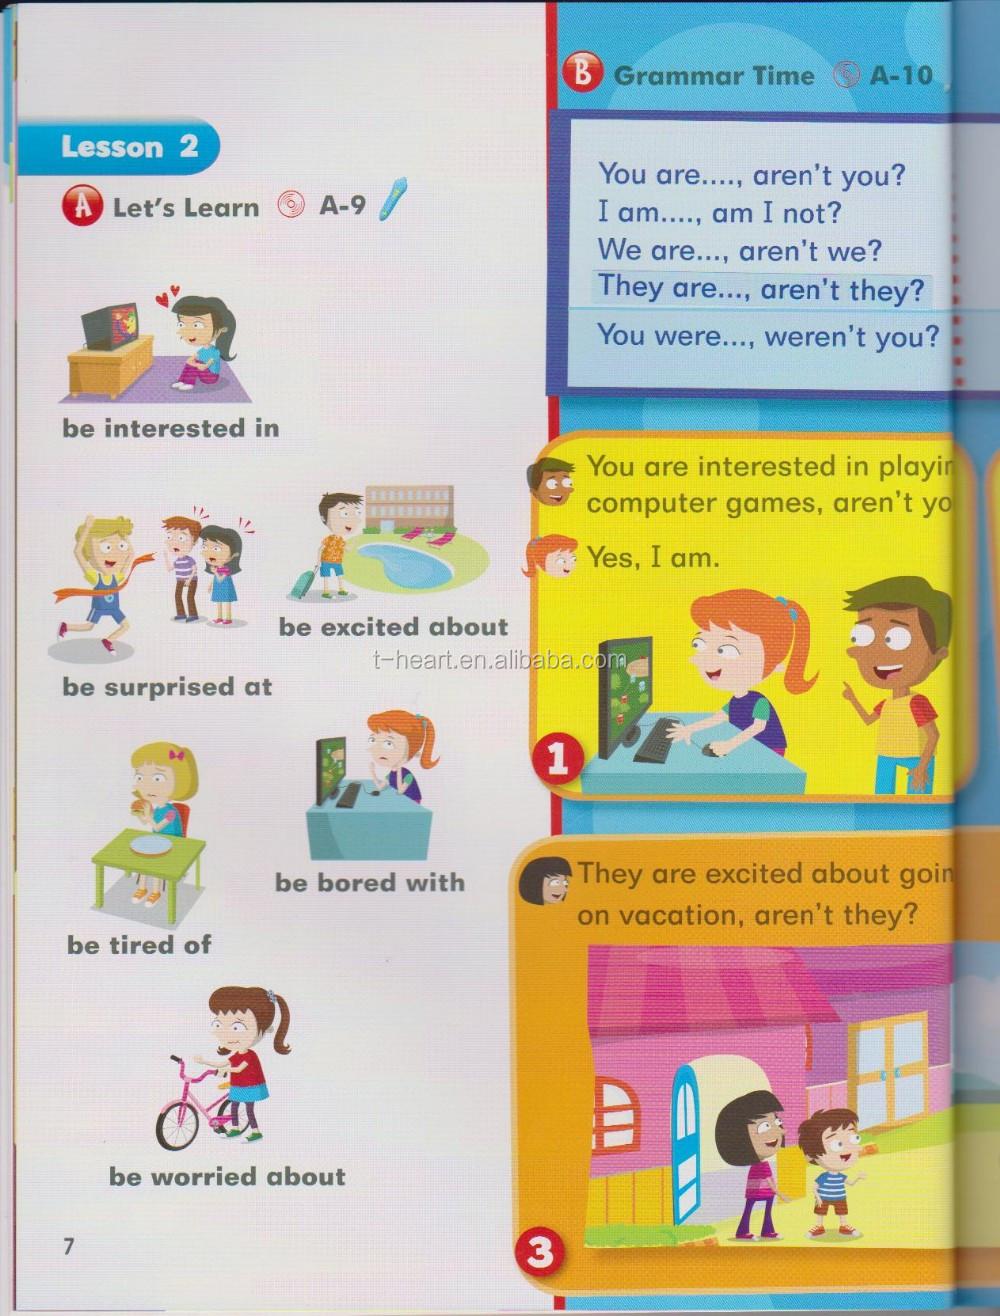 Boyama Karikatur Resim Ingilizce Dilbilgisi Kitap Okuma Buy